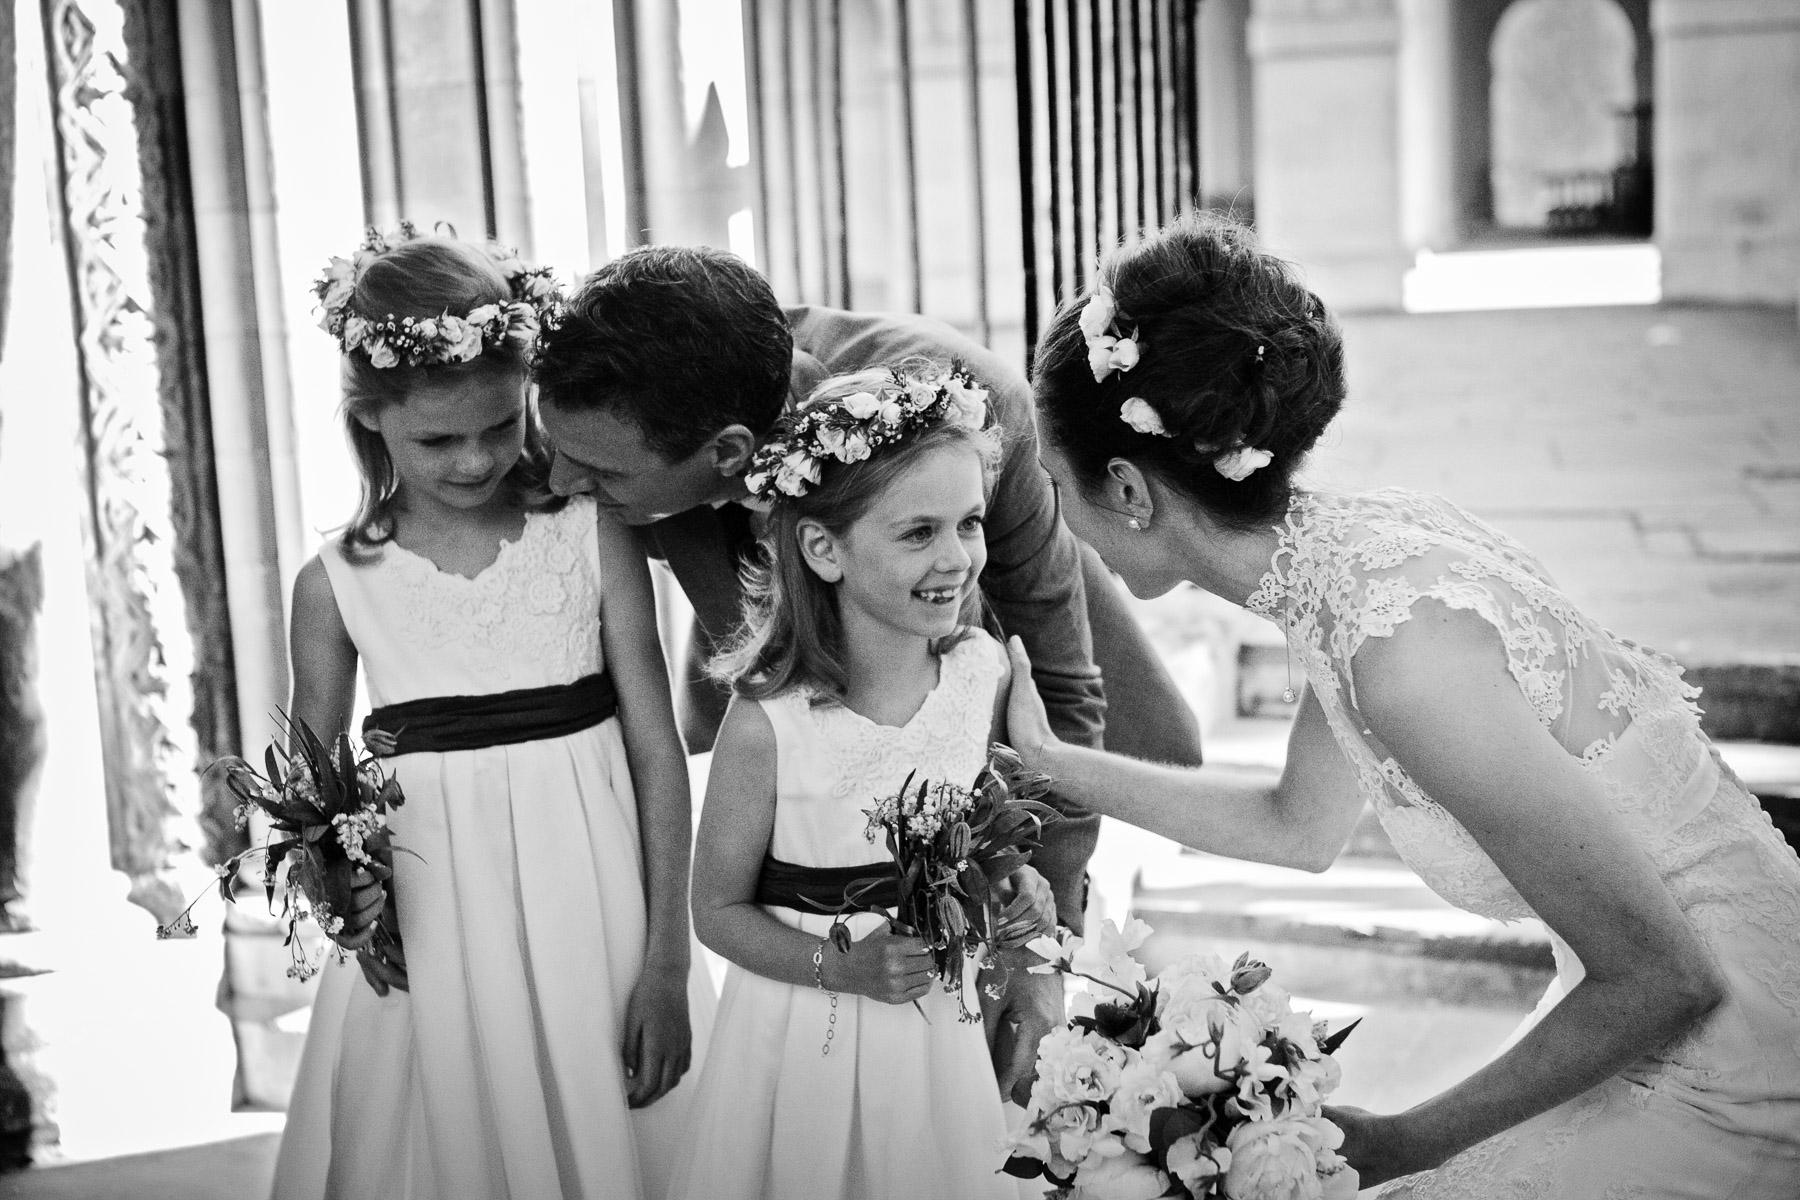 wedding portfolio 25-09-17  175.jpg